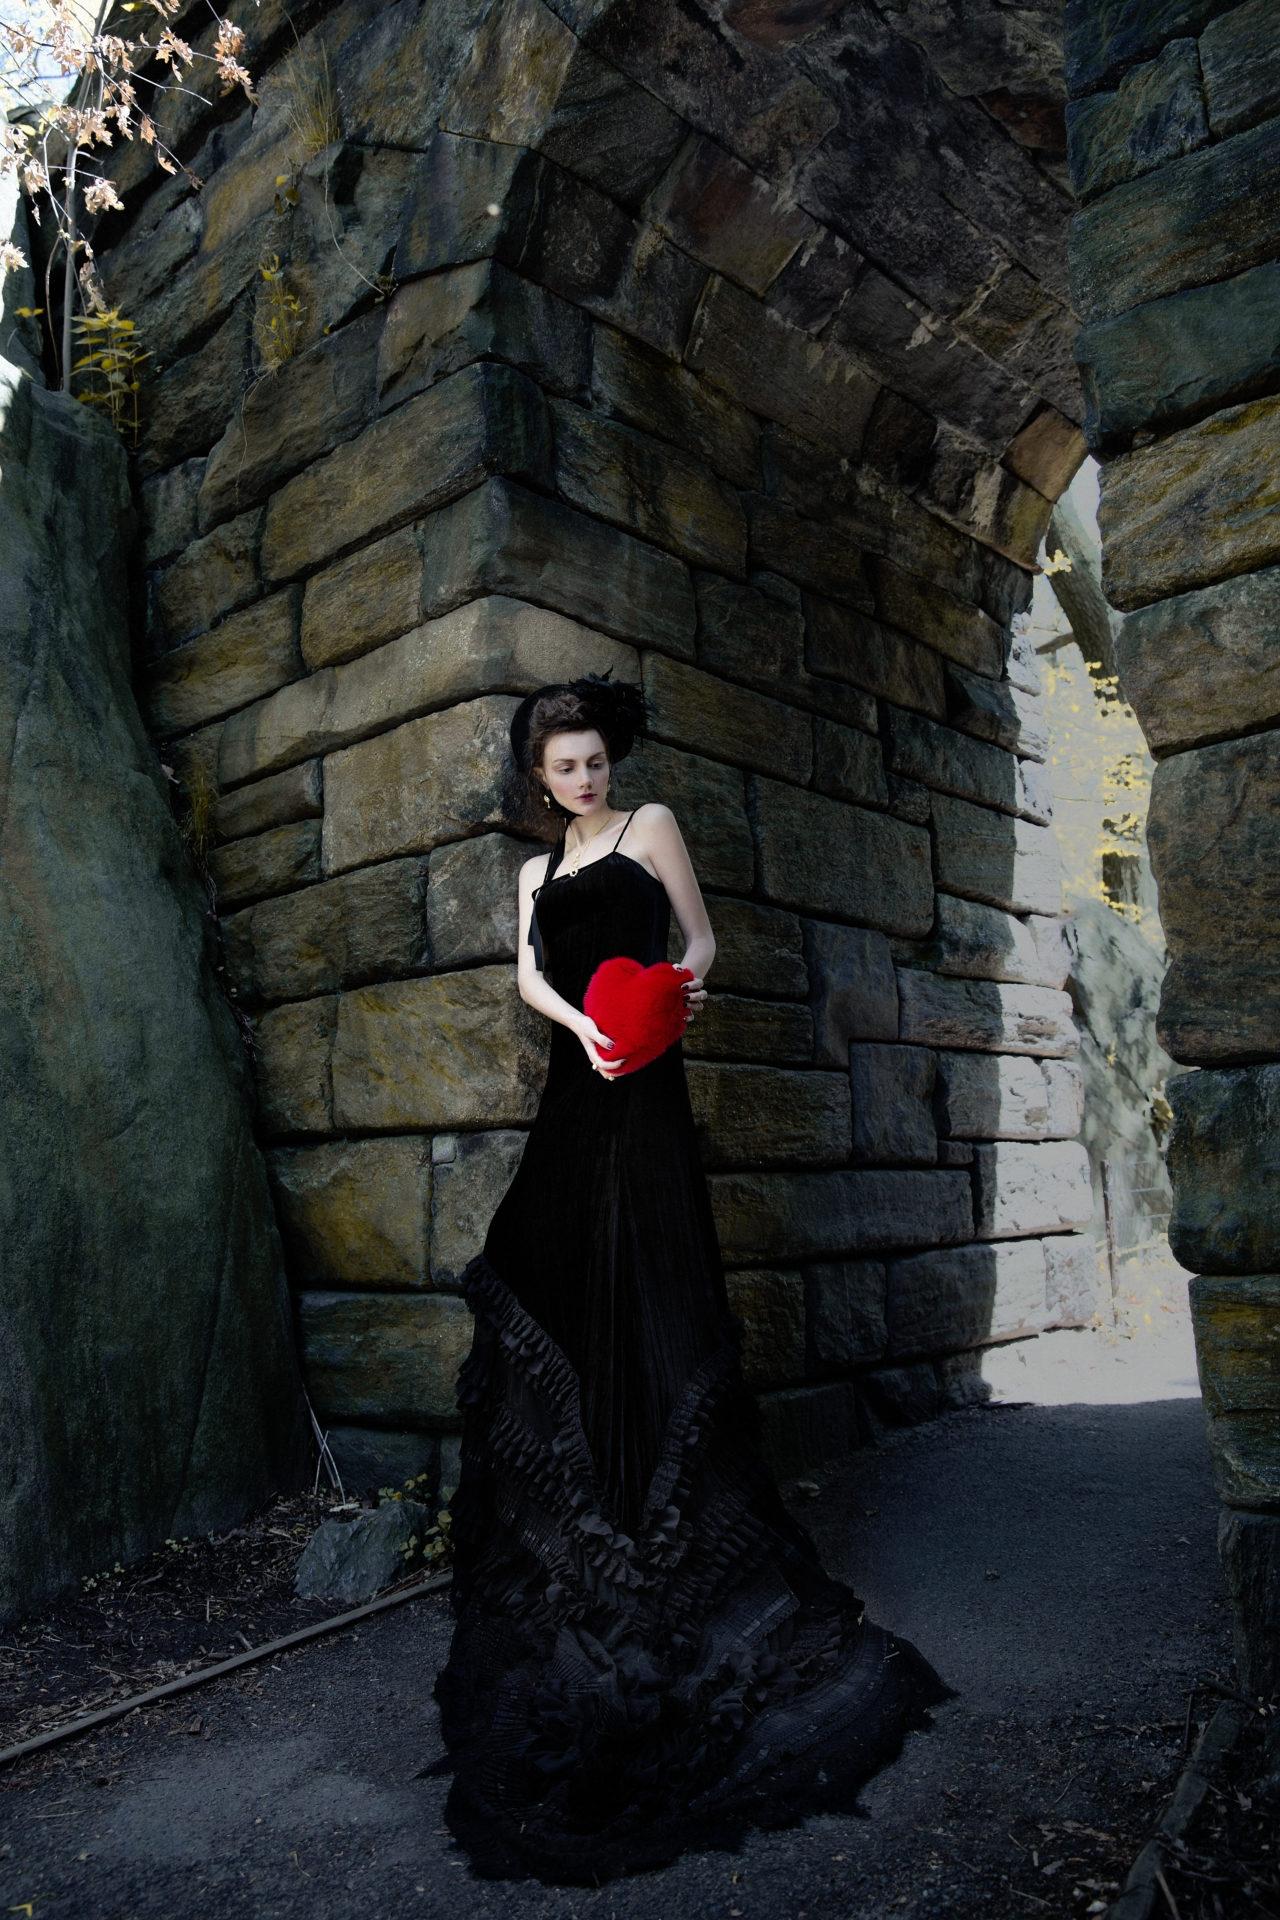 Velvet dress — Breelayne; Headdress - Сhuchu. Fur clutch - Georgine. Neckless, earrings, rings - Solomeina